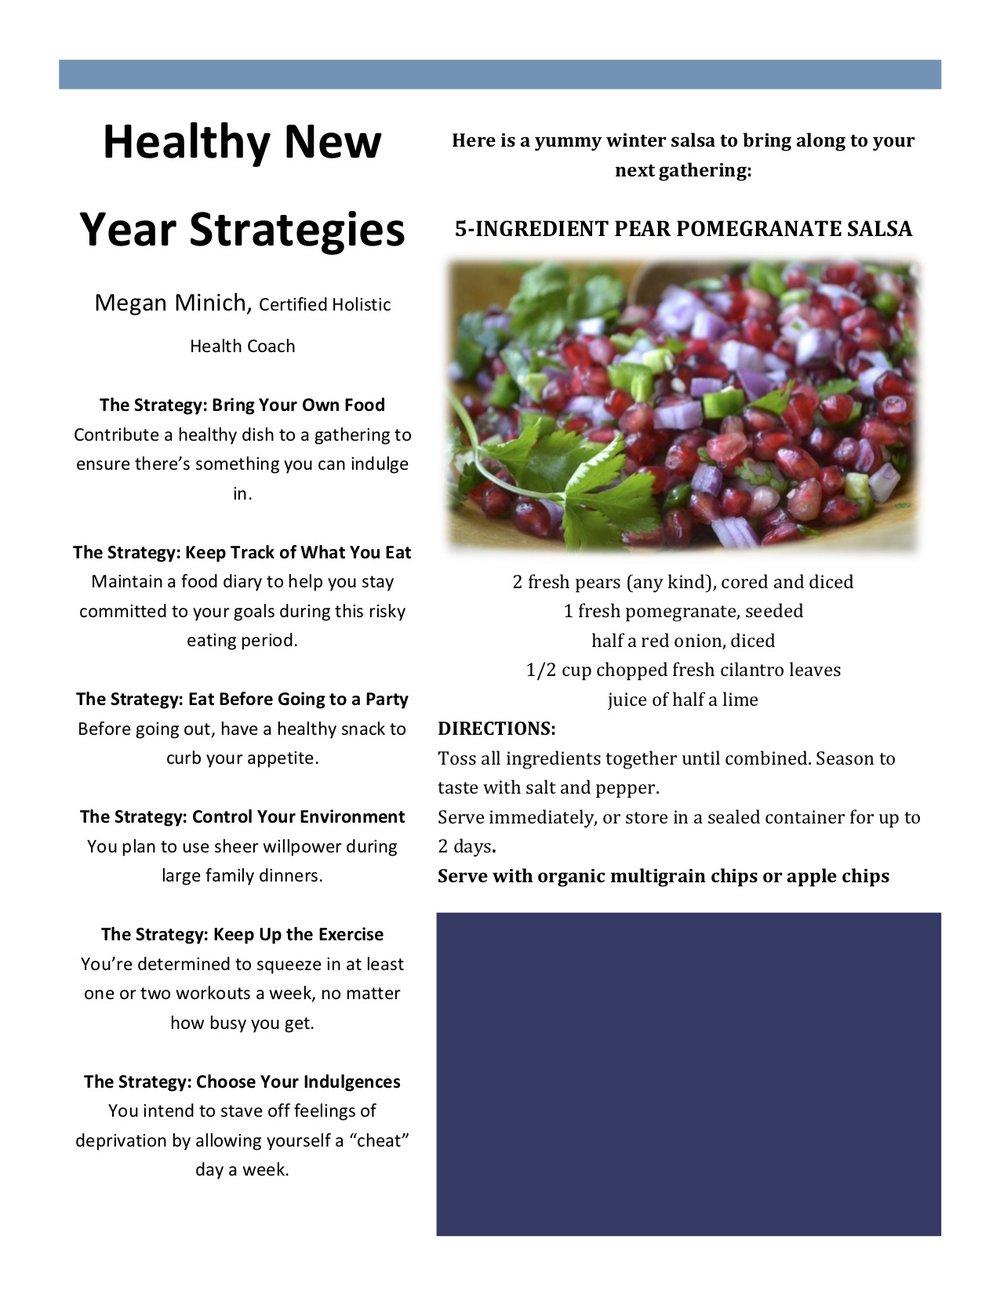 Healthy New Year Strategies.jpg